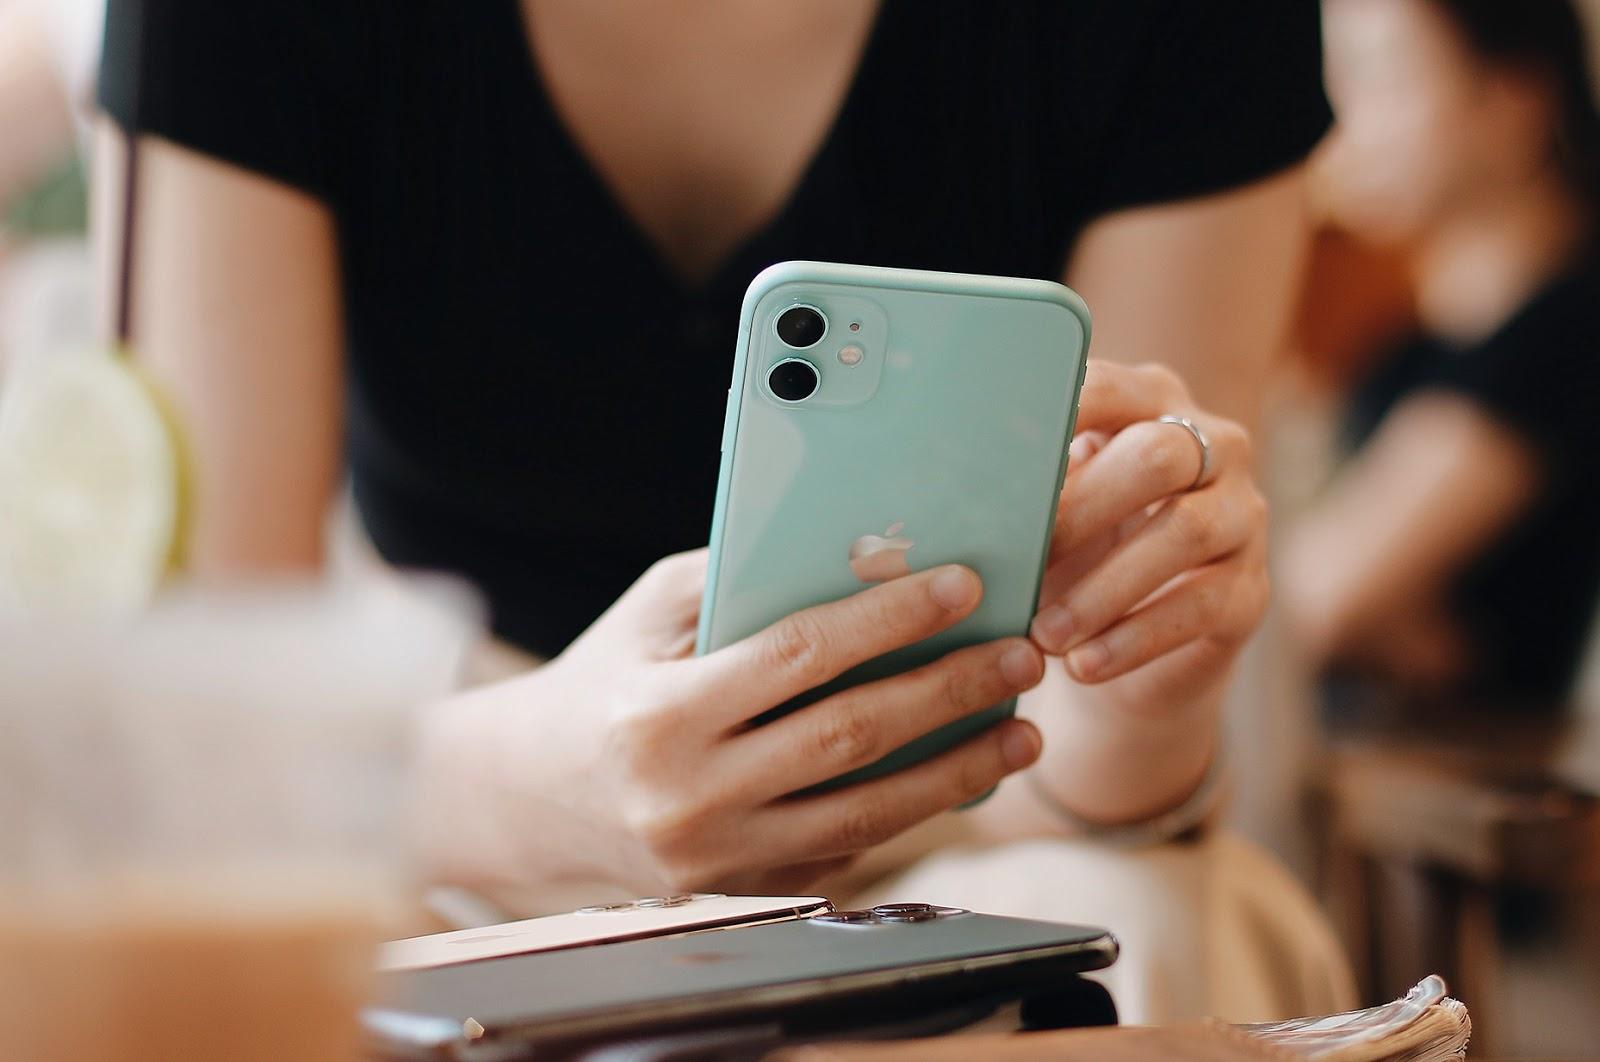 Sau giảm giá, chiếc iPhone này tăng doanh số 10-20 lần, muốn mua phải xếp hàng đợi - Ảnh 1.